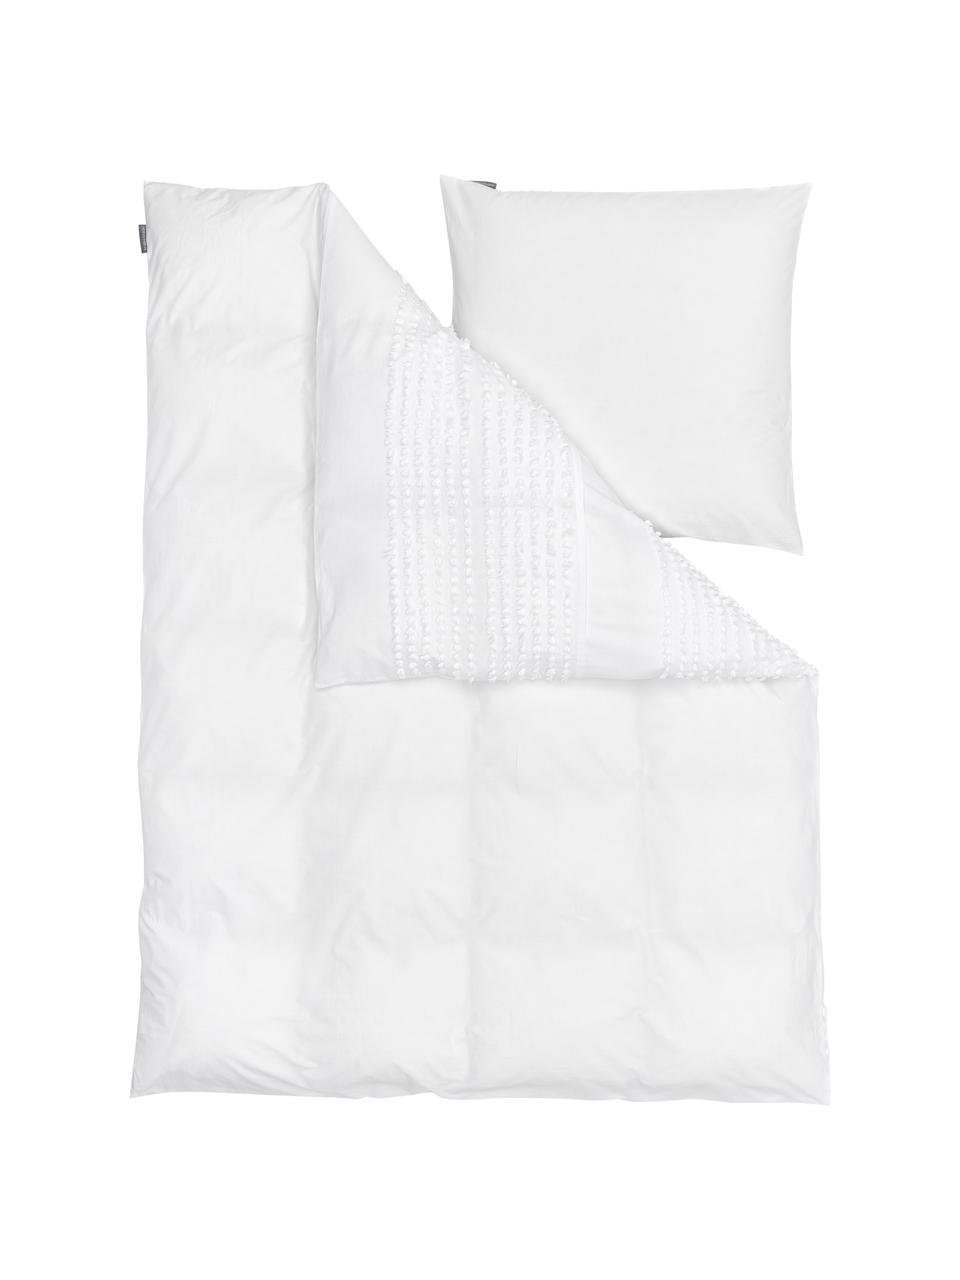 Pościel z bawełny Endure, Biały, 135 x 200 cm + 1 poduszka 80 x 80 cm